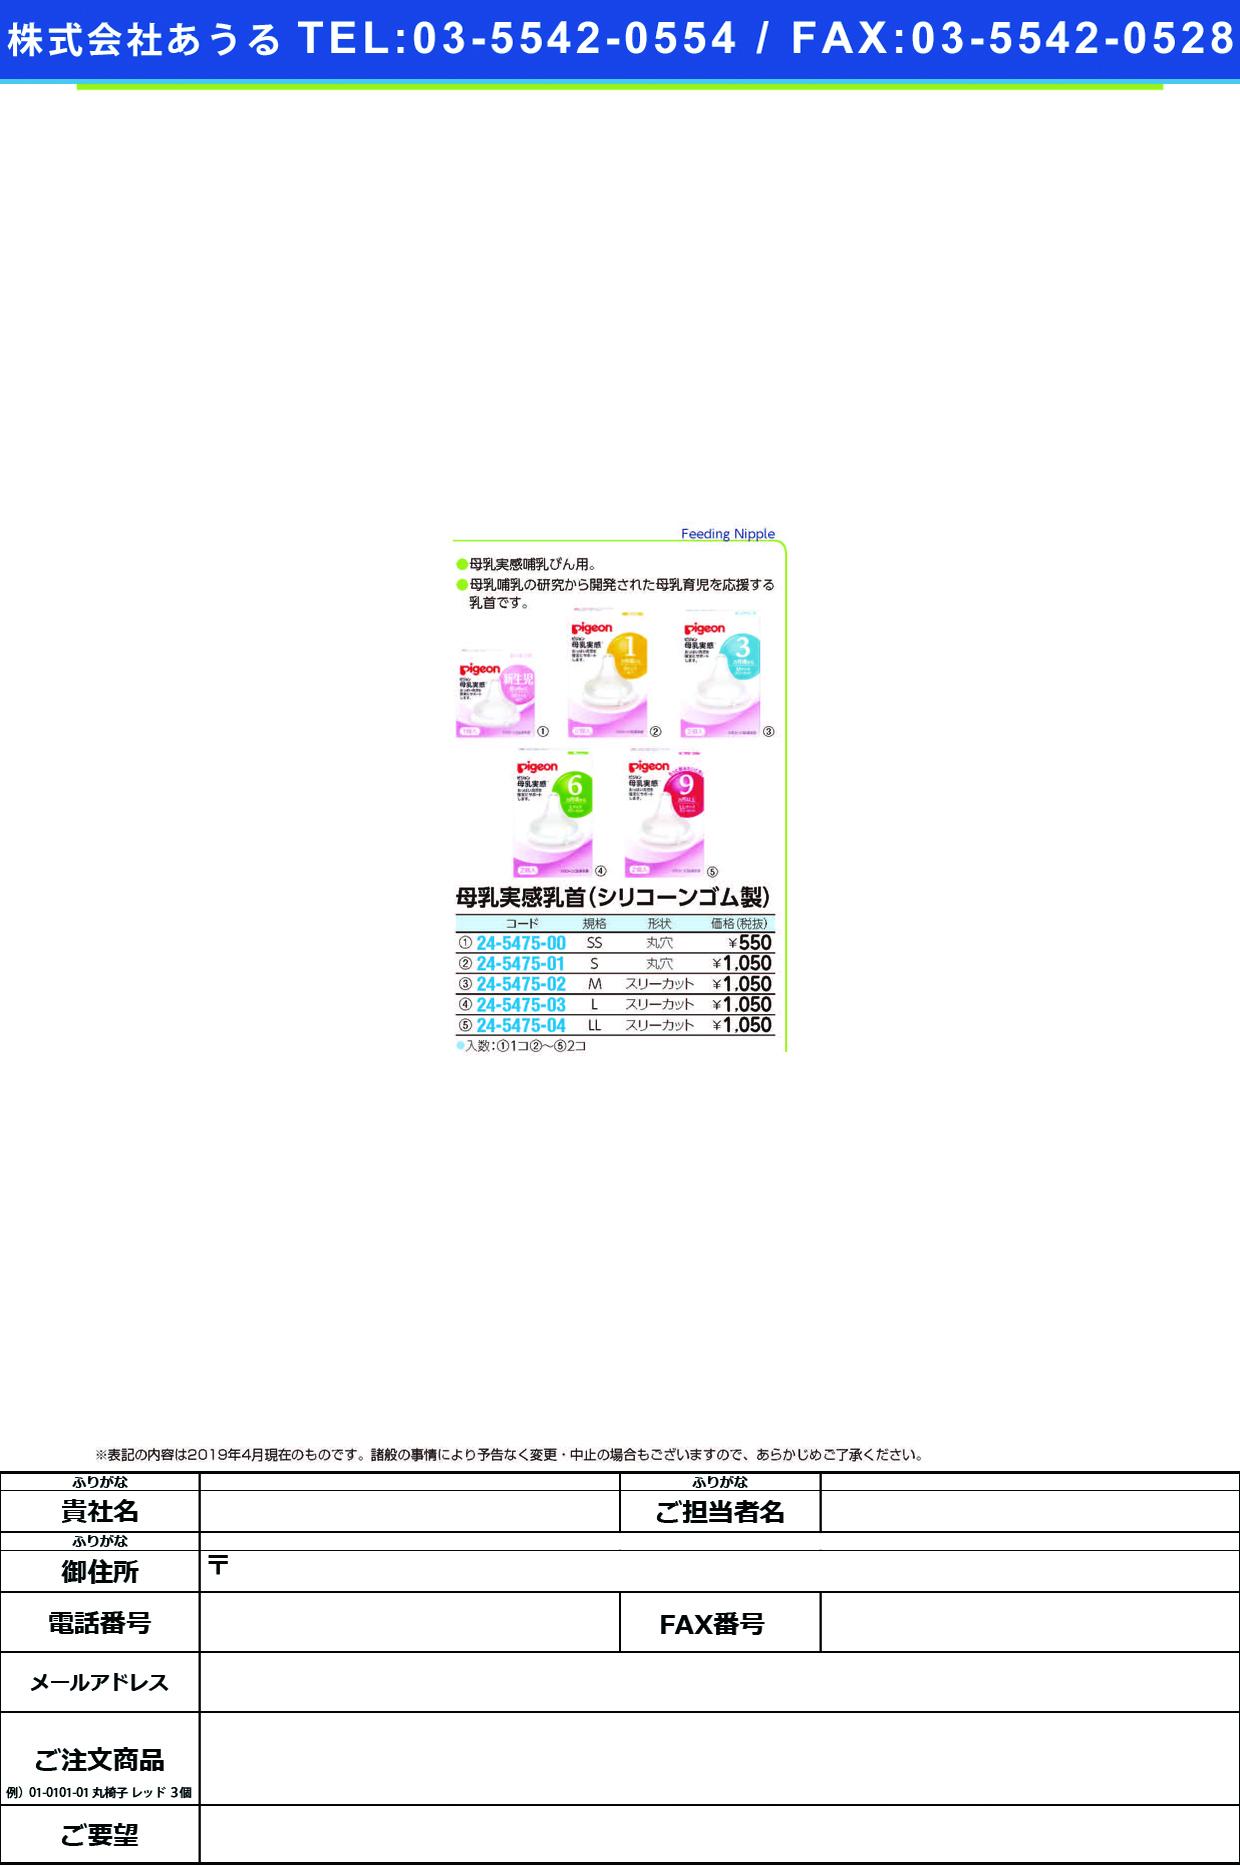 (24-5475-01)母乳実感乳首S(1ヶ月〜) 01136(2コイリ) ボニュウジッカンチクビS(1カゲ(ピジョン)【1個単位】【2019年カタログ商品】